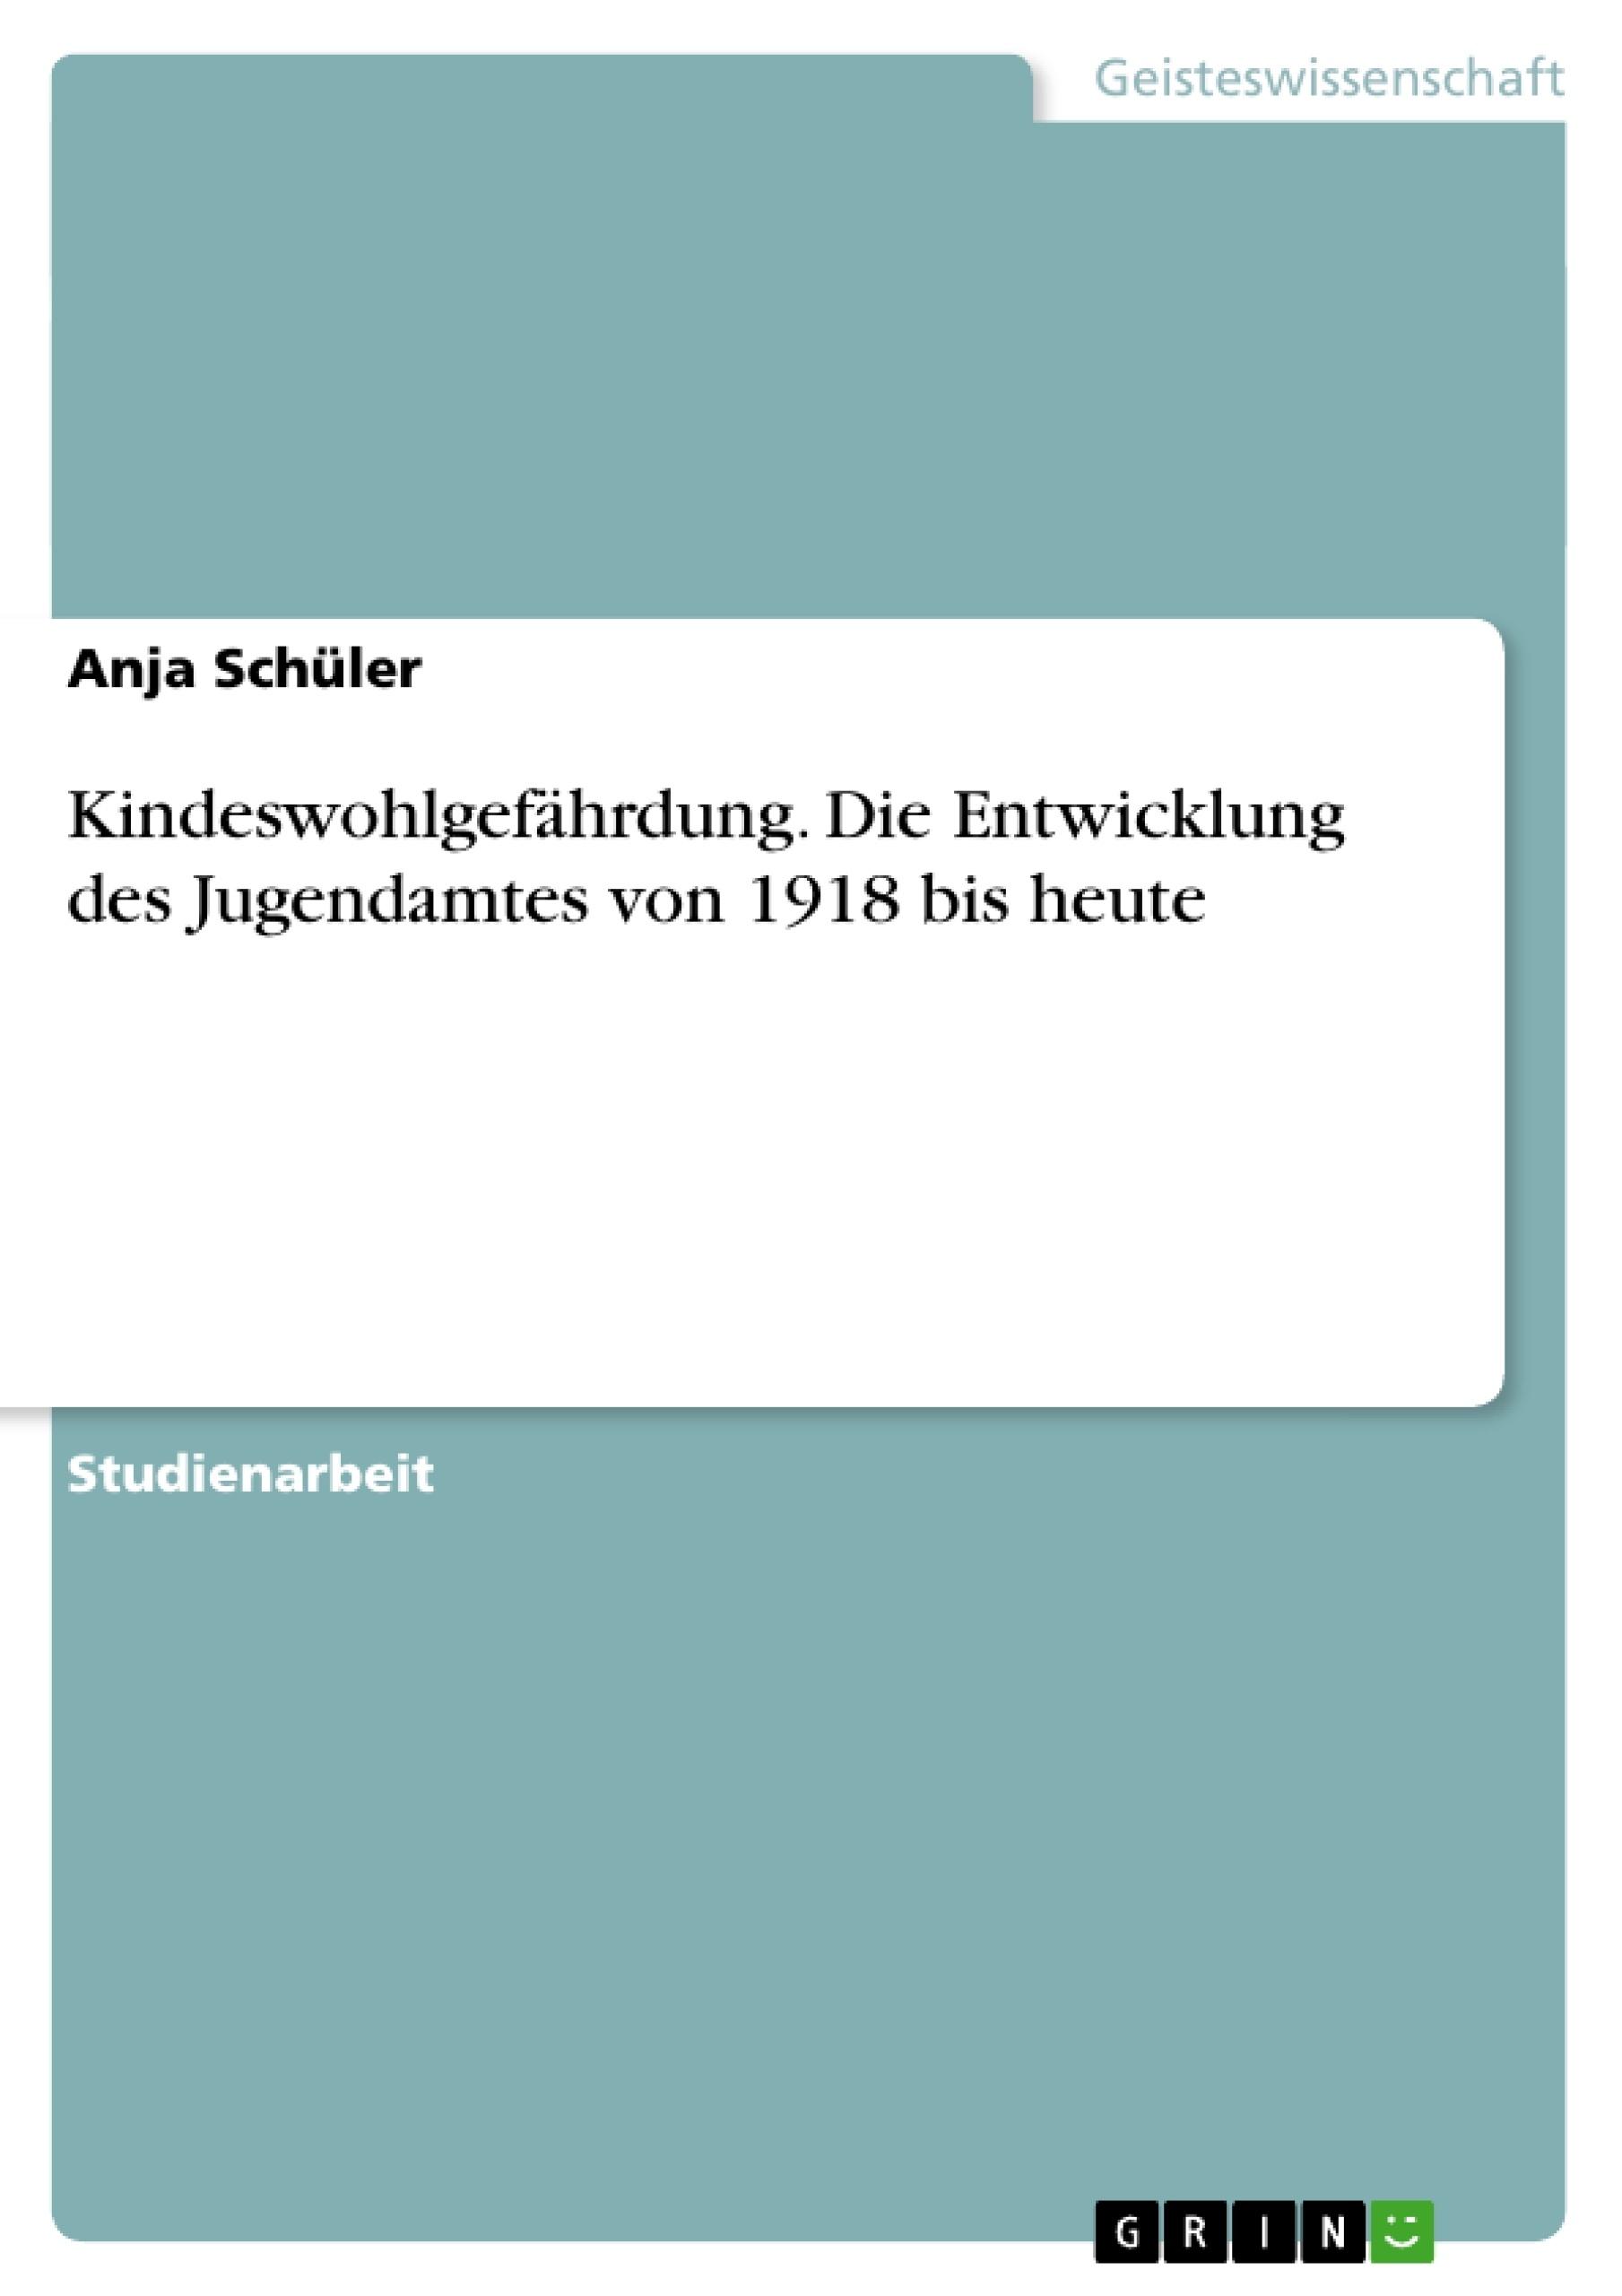 Titel: Kindeswohlgefährdung. Die Entwicklung des Jugendamtes  von 1918 bis heute